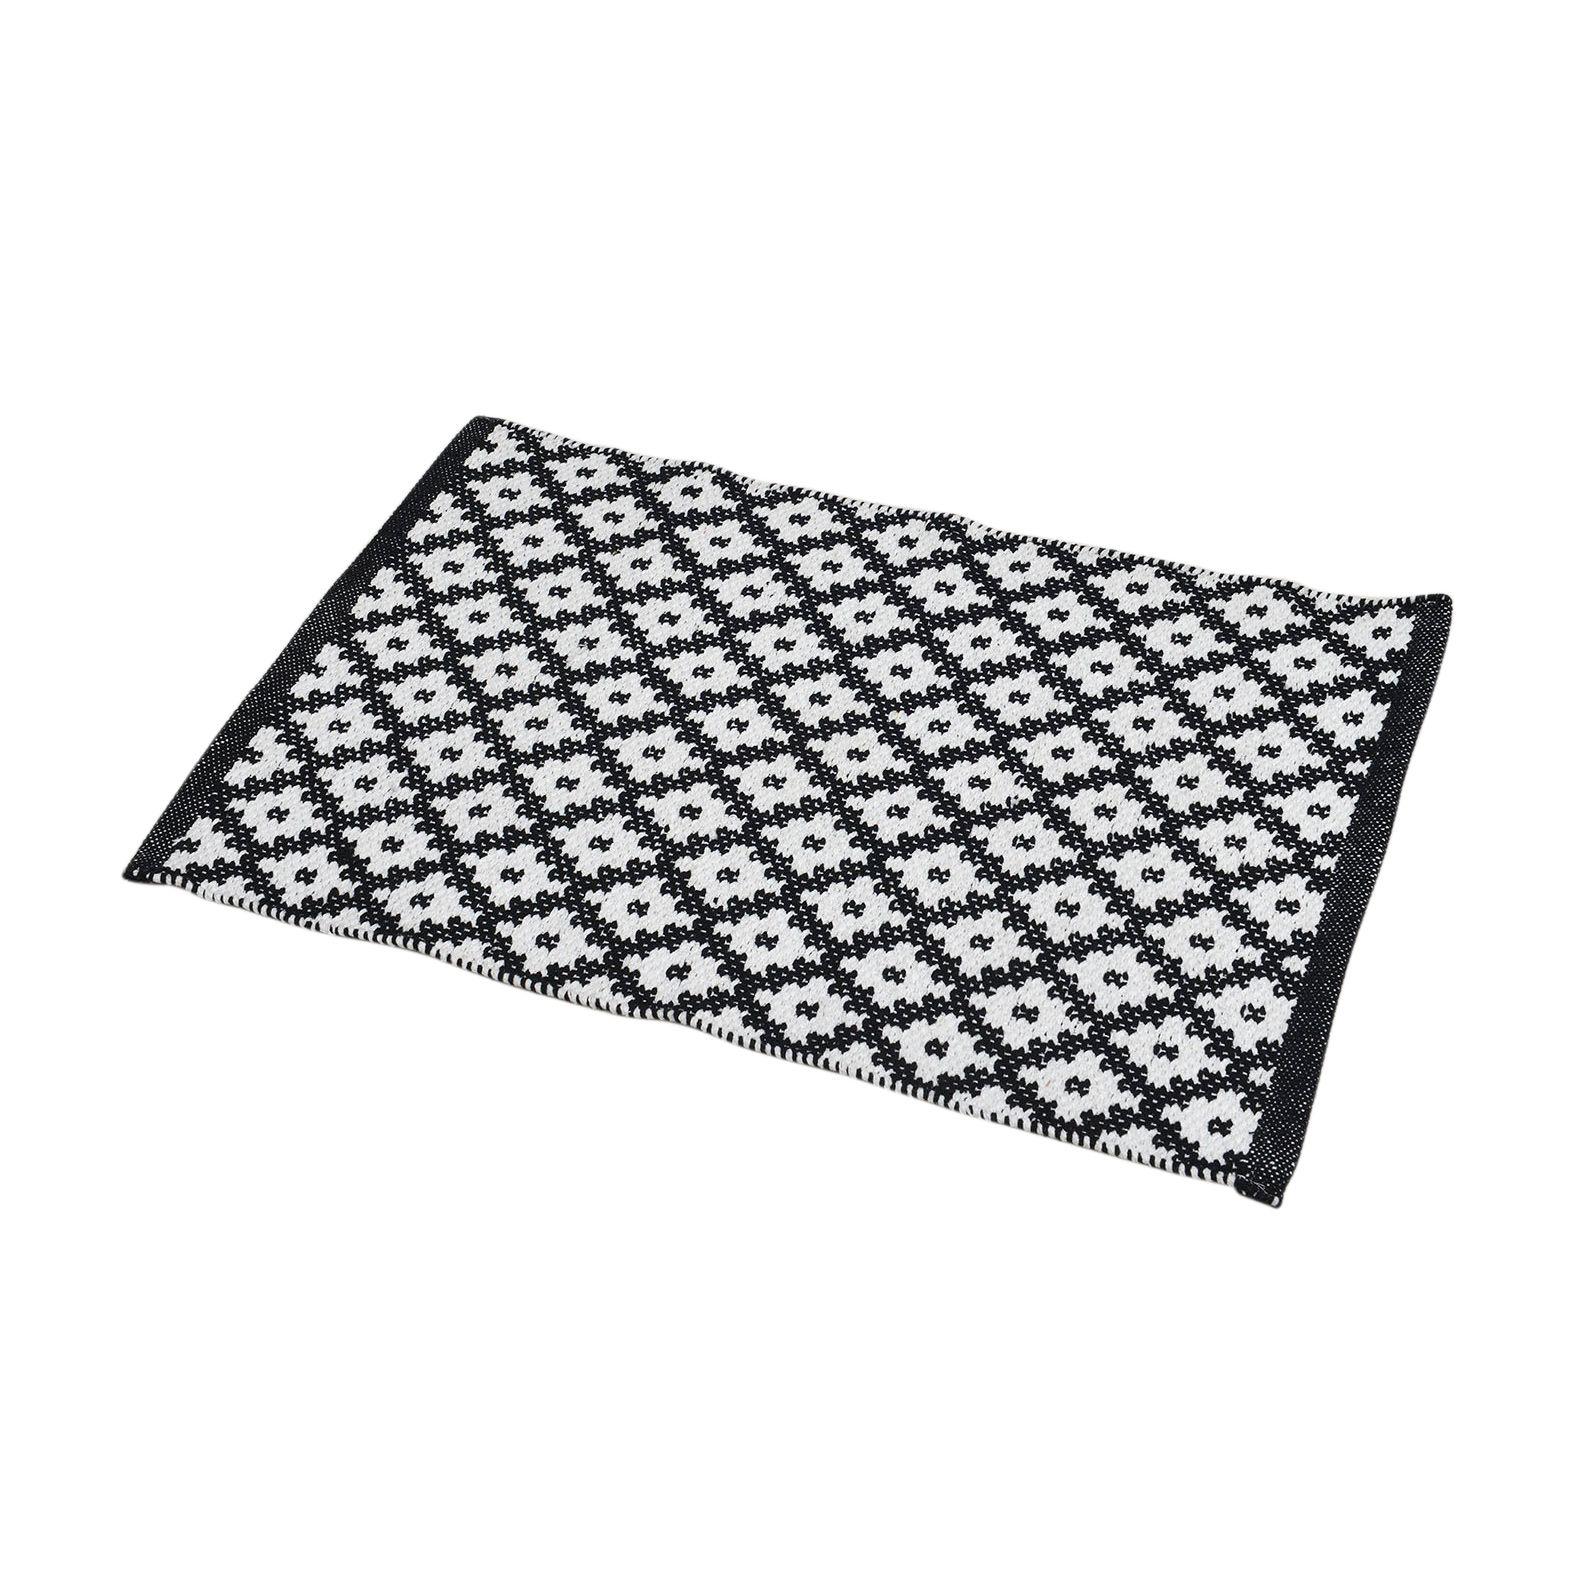 Tapis de bain ponge imprim losanges blanc et noir tapis salle de bain eminza - Tapis de bain noir et blanc ...